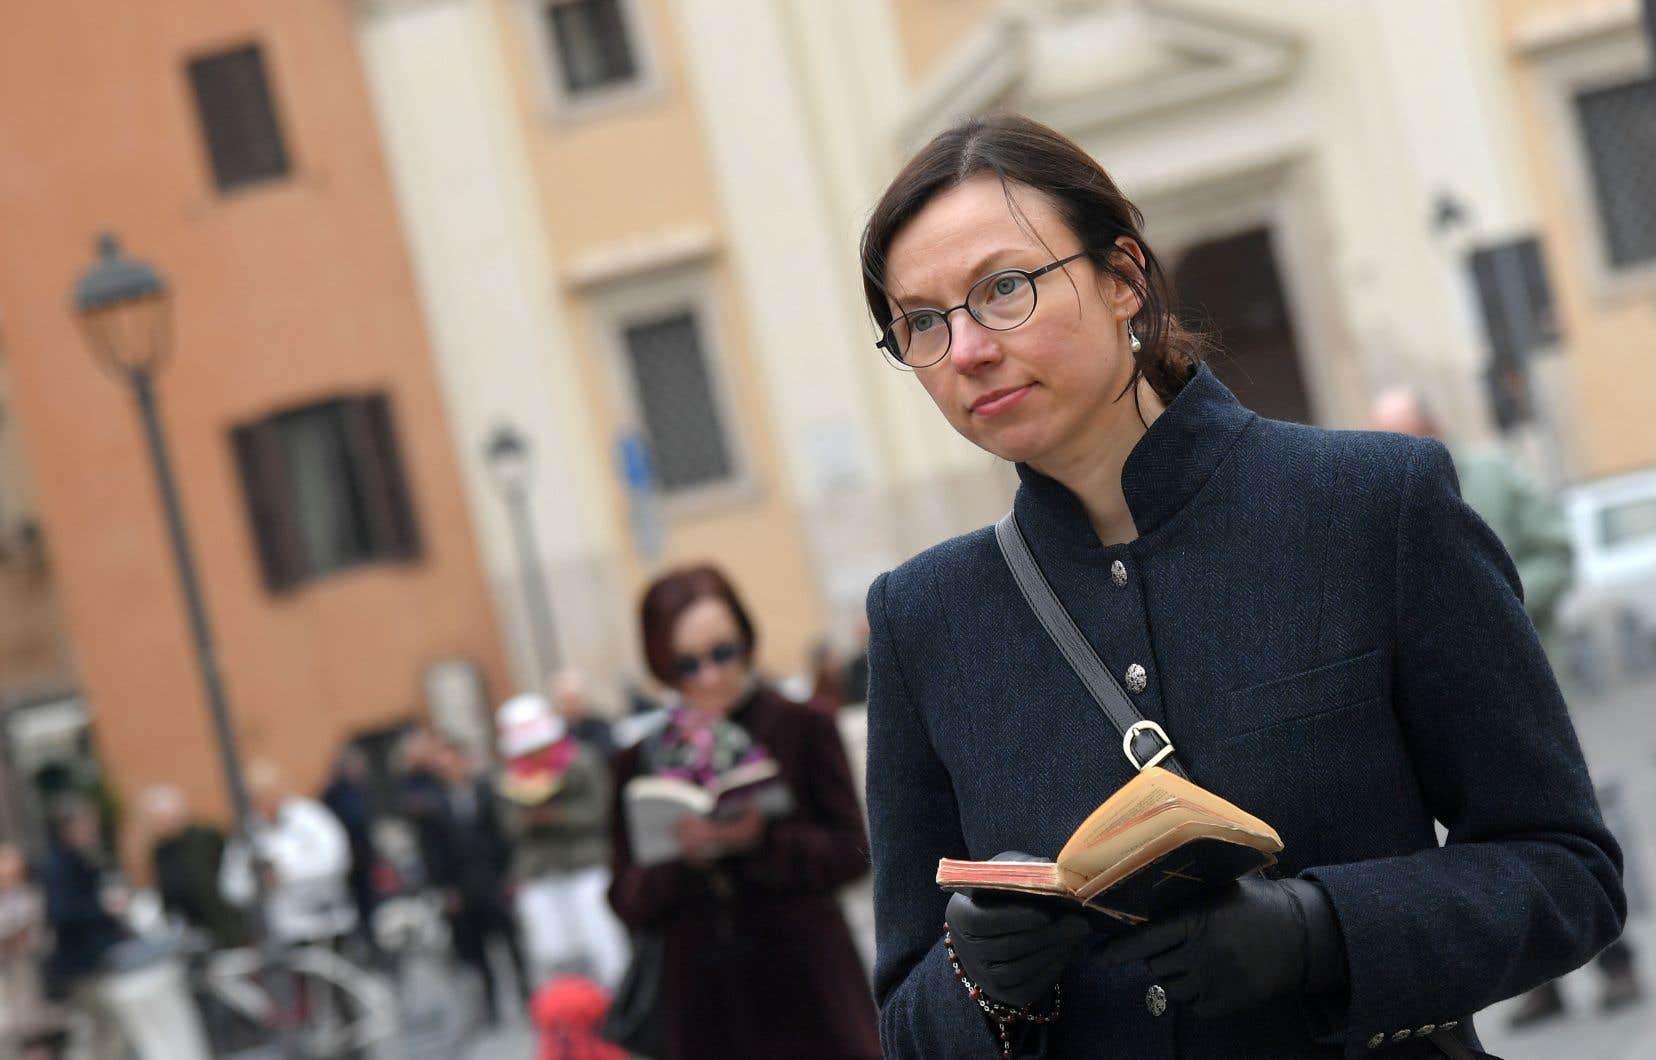 Les membres d'une coalition internationale de laïcs dénommée Acies Ordinata ont manifesté à Rome pour dénoncer ce qu'ils appellent un «mur du silence» concernant les abus sexuels commis sur des enfants au sein de l'Église catholique.